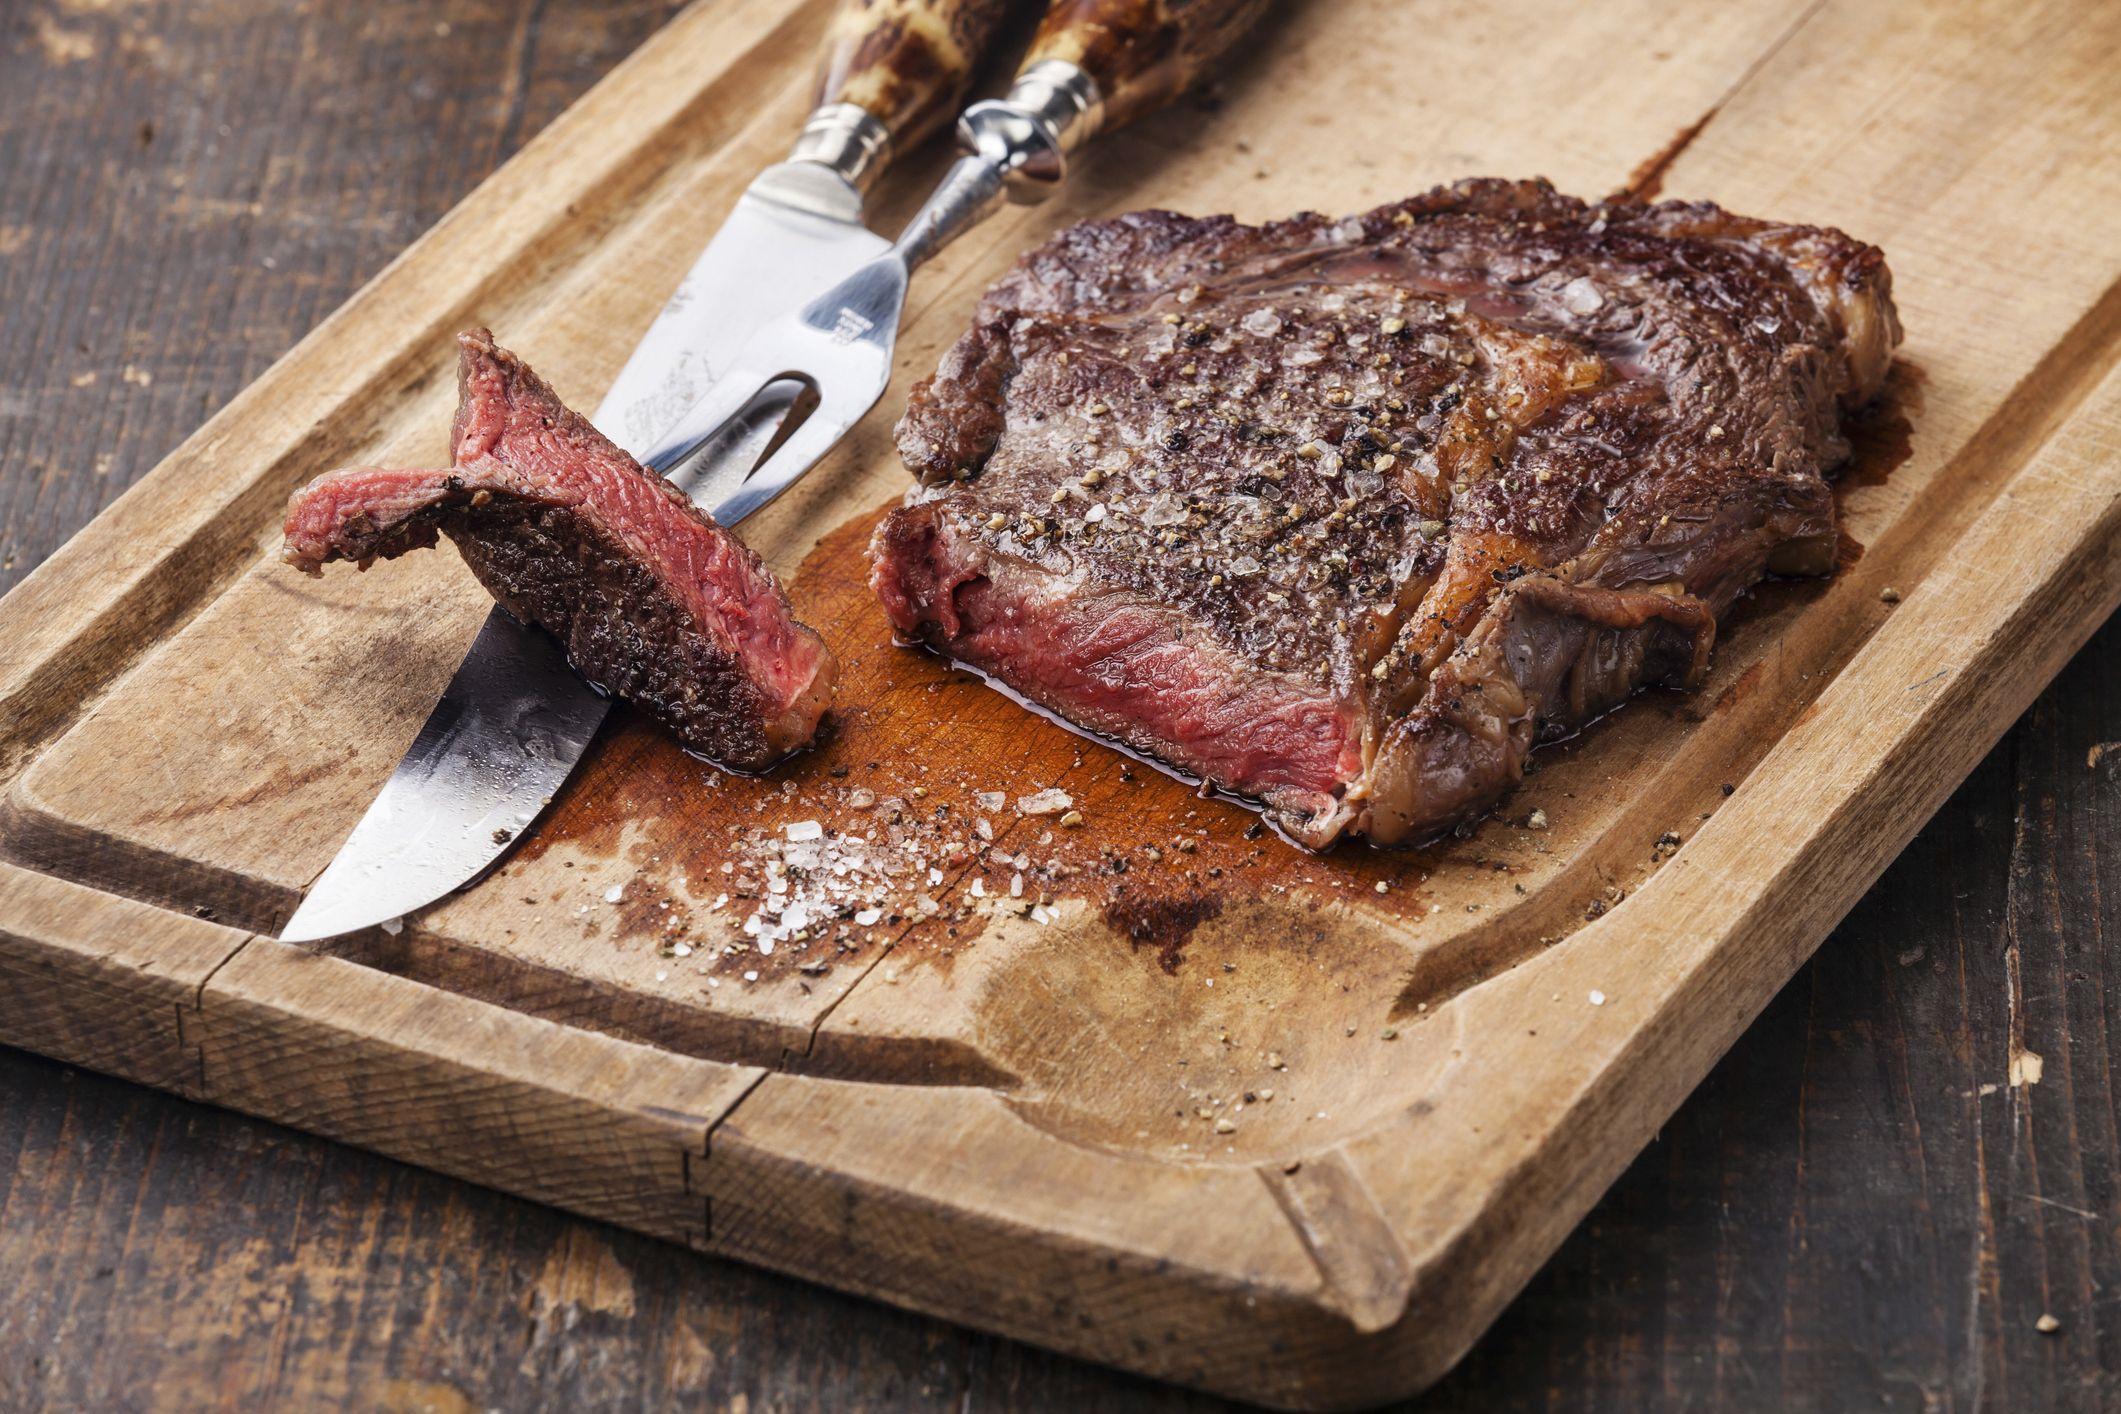 Medium rare steak GettyImages 522203498 58900e793df78caebc70c1cc